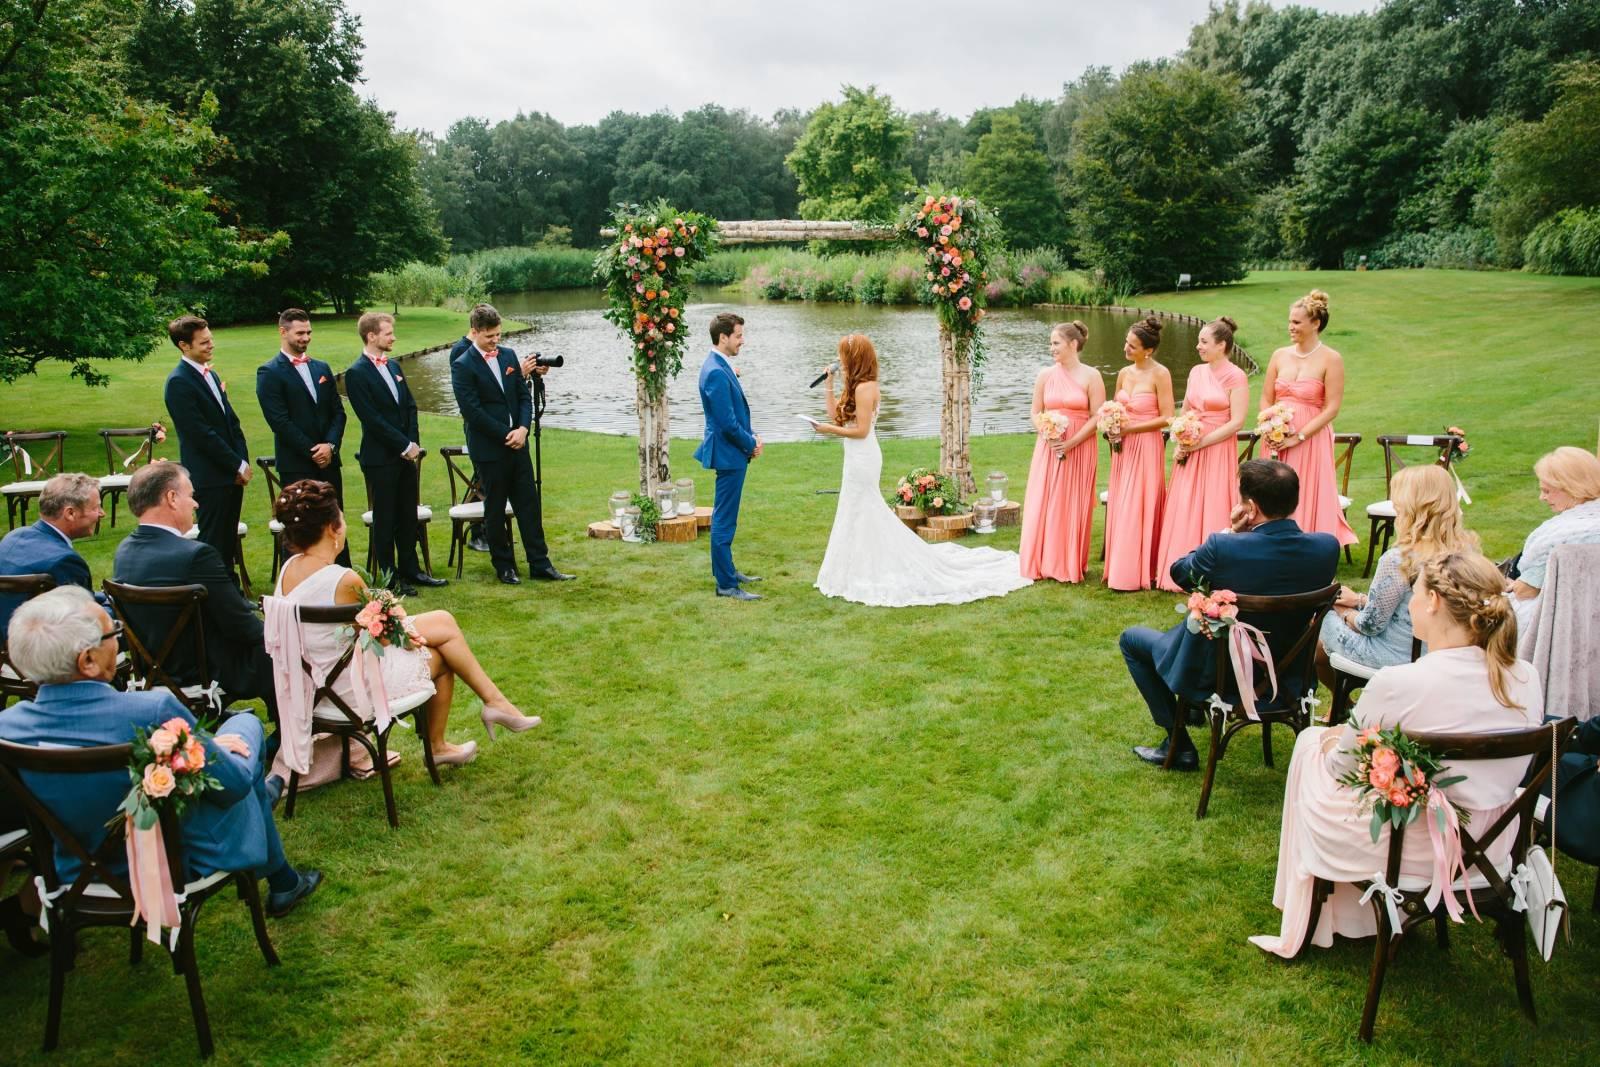 Tine De Donder - Huwelijksceremonie - Ceremoniespreker - huibvintgesphotography - House of Weddings 23